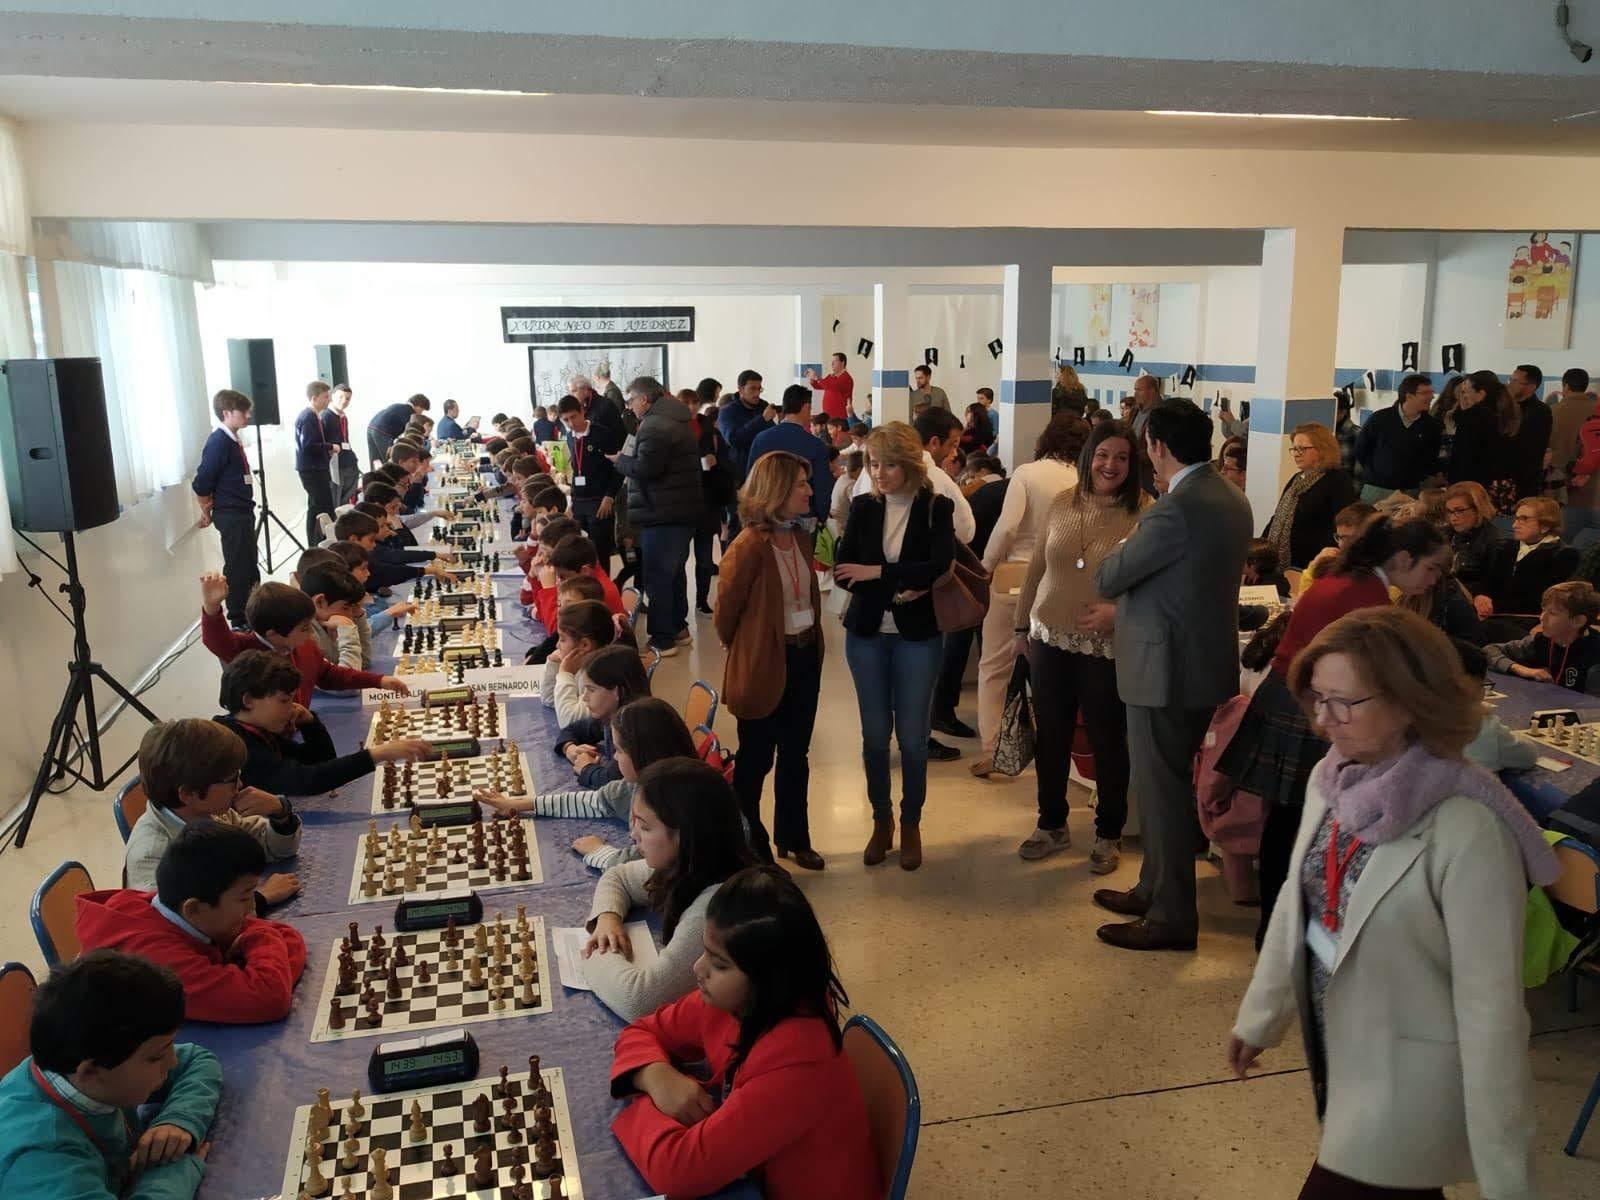 Los colegios Montecalpe y Puertoblando celebran el XVI Torneo Attendis de Ajedrez